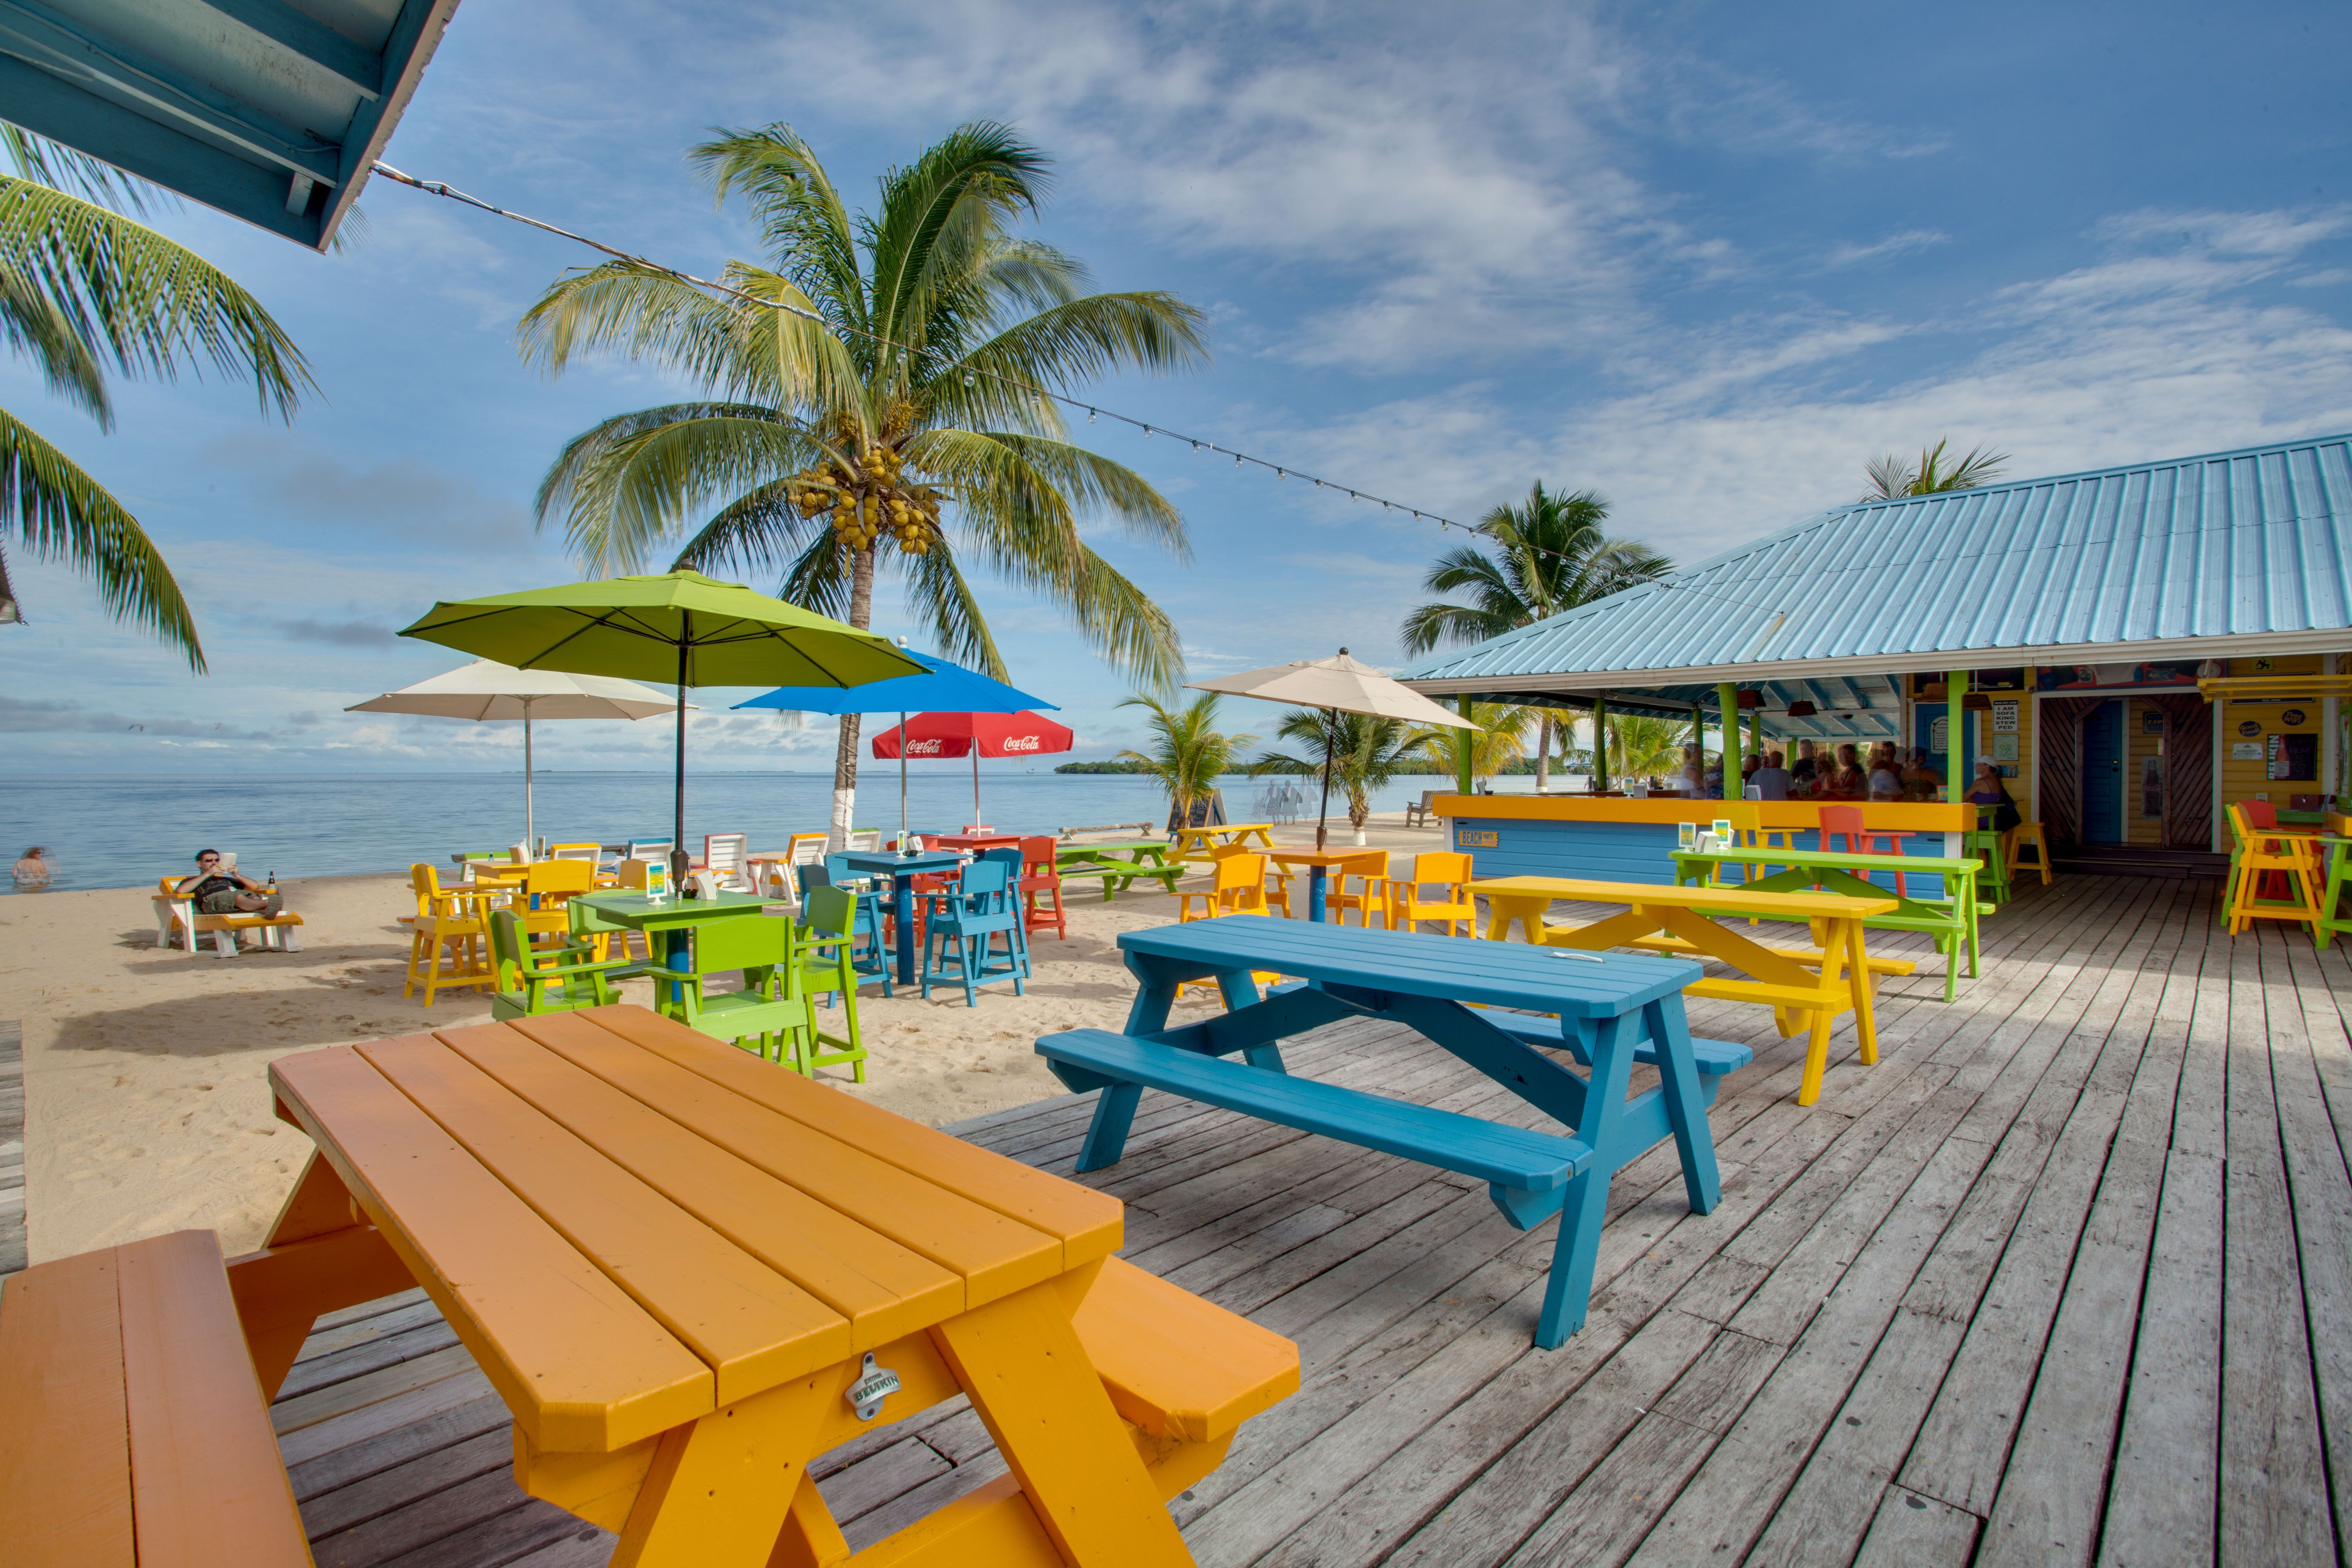 Tipsy Tuna Beach Bar in Placencia Belize  Placencia belize, Beach